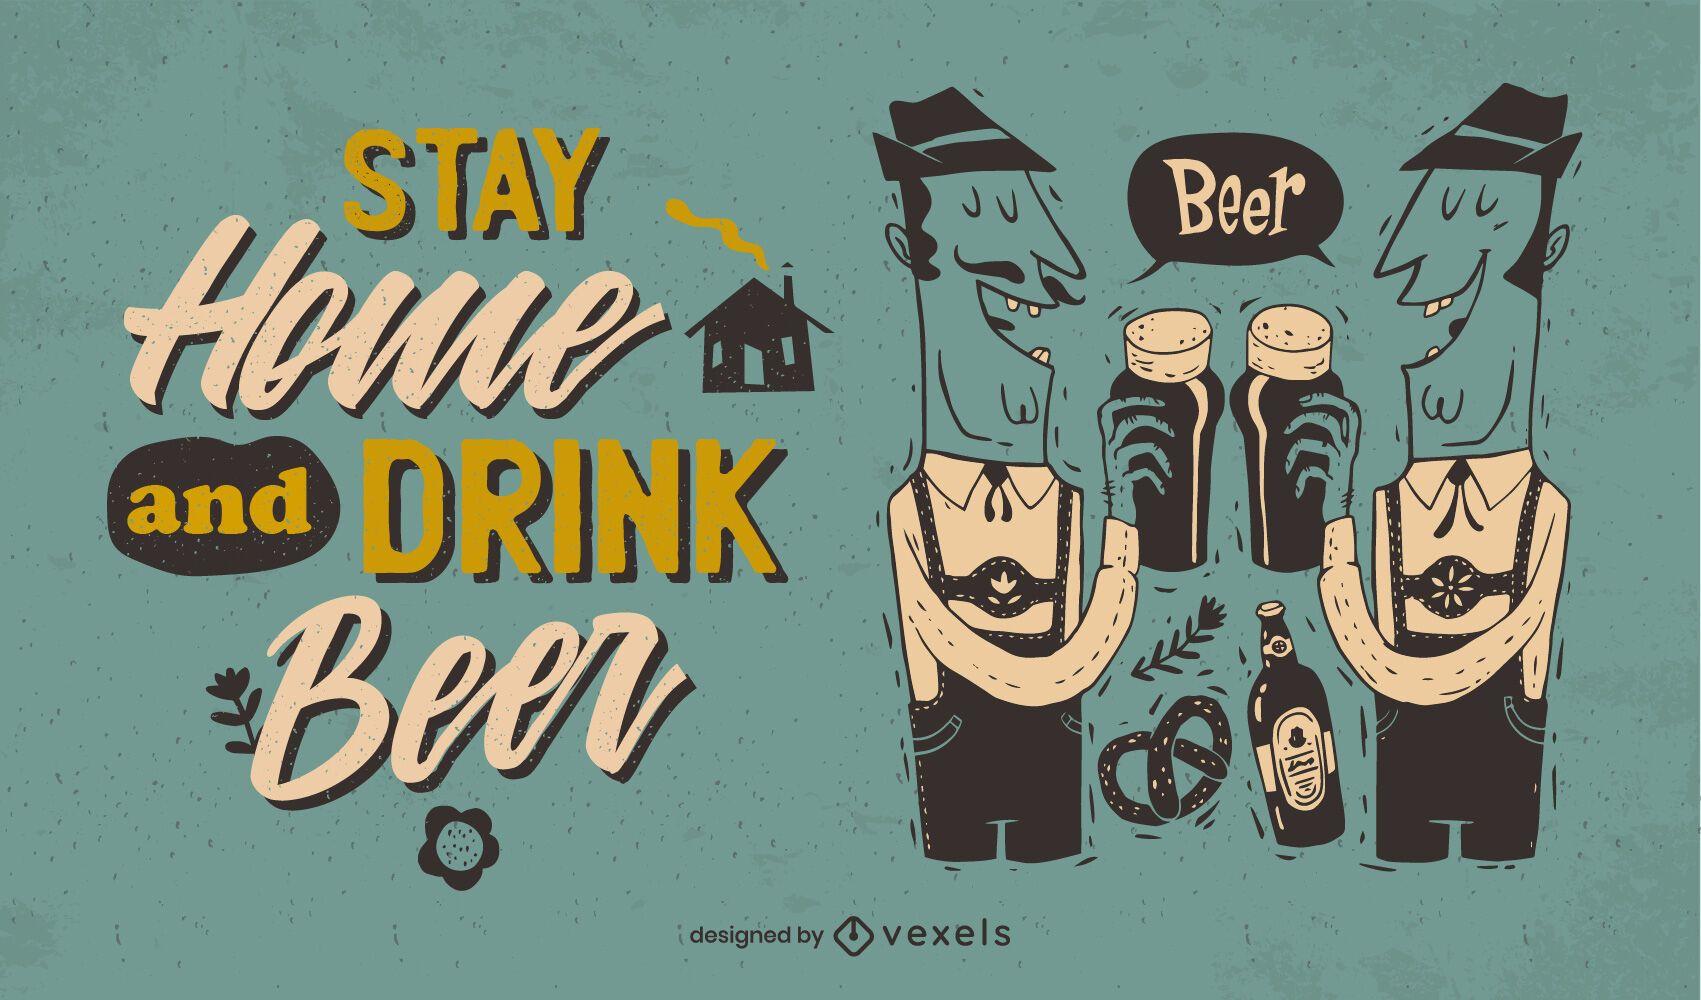 Quédate en casa y bebe cerveza diseño de letras.